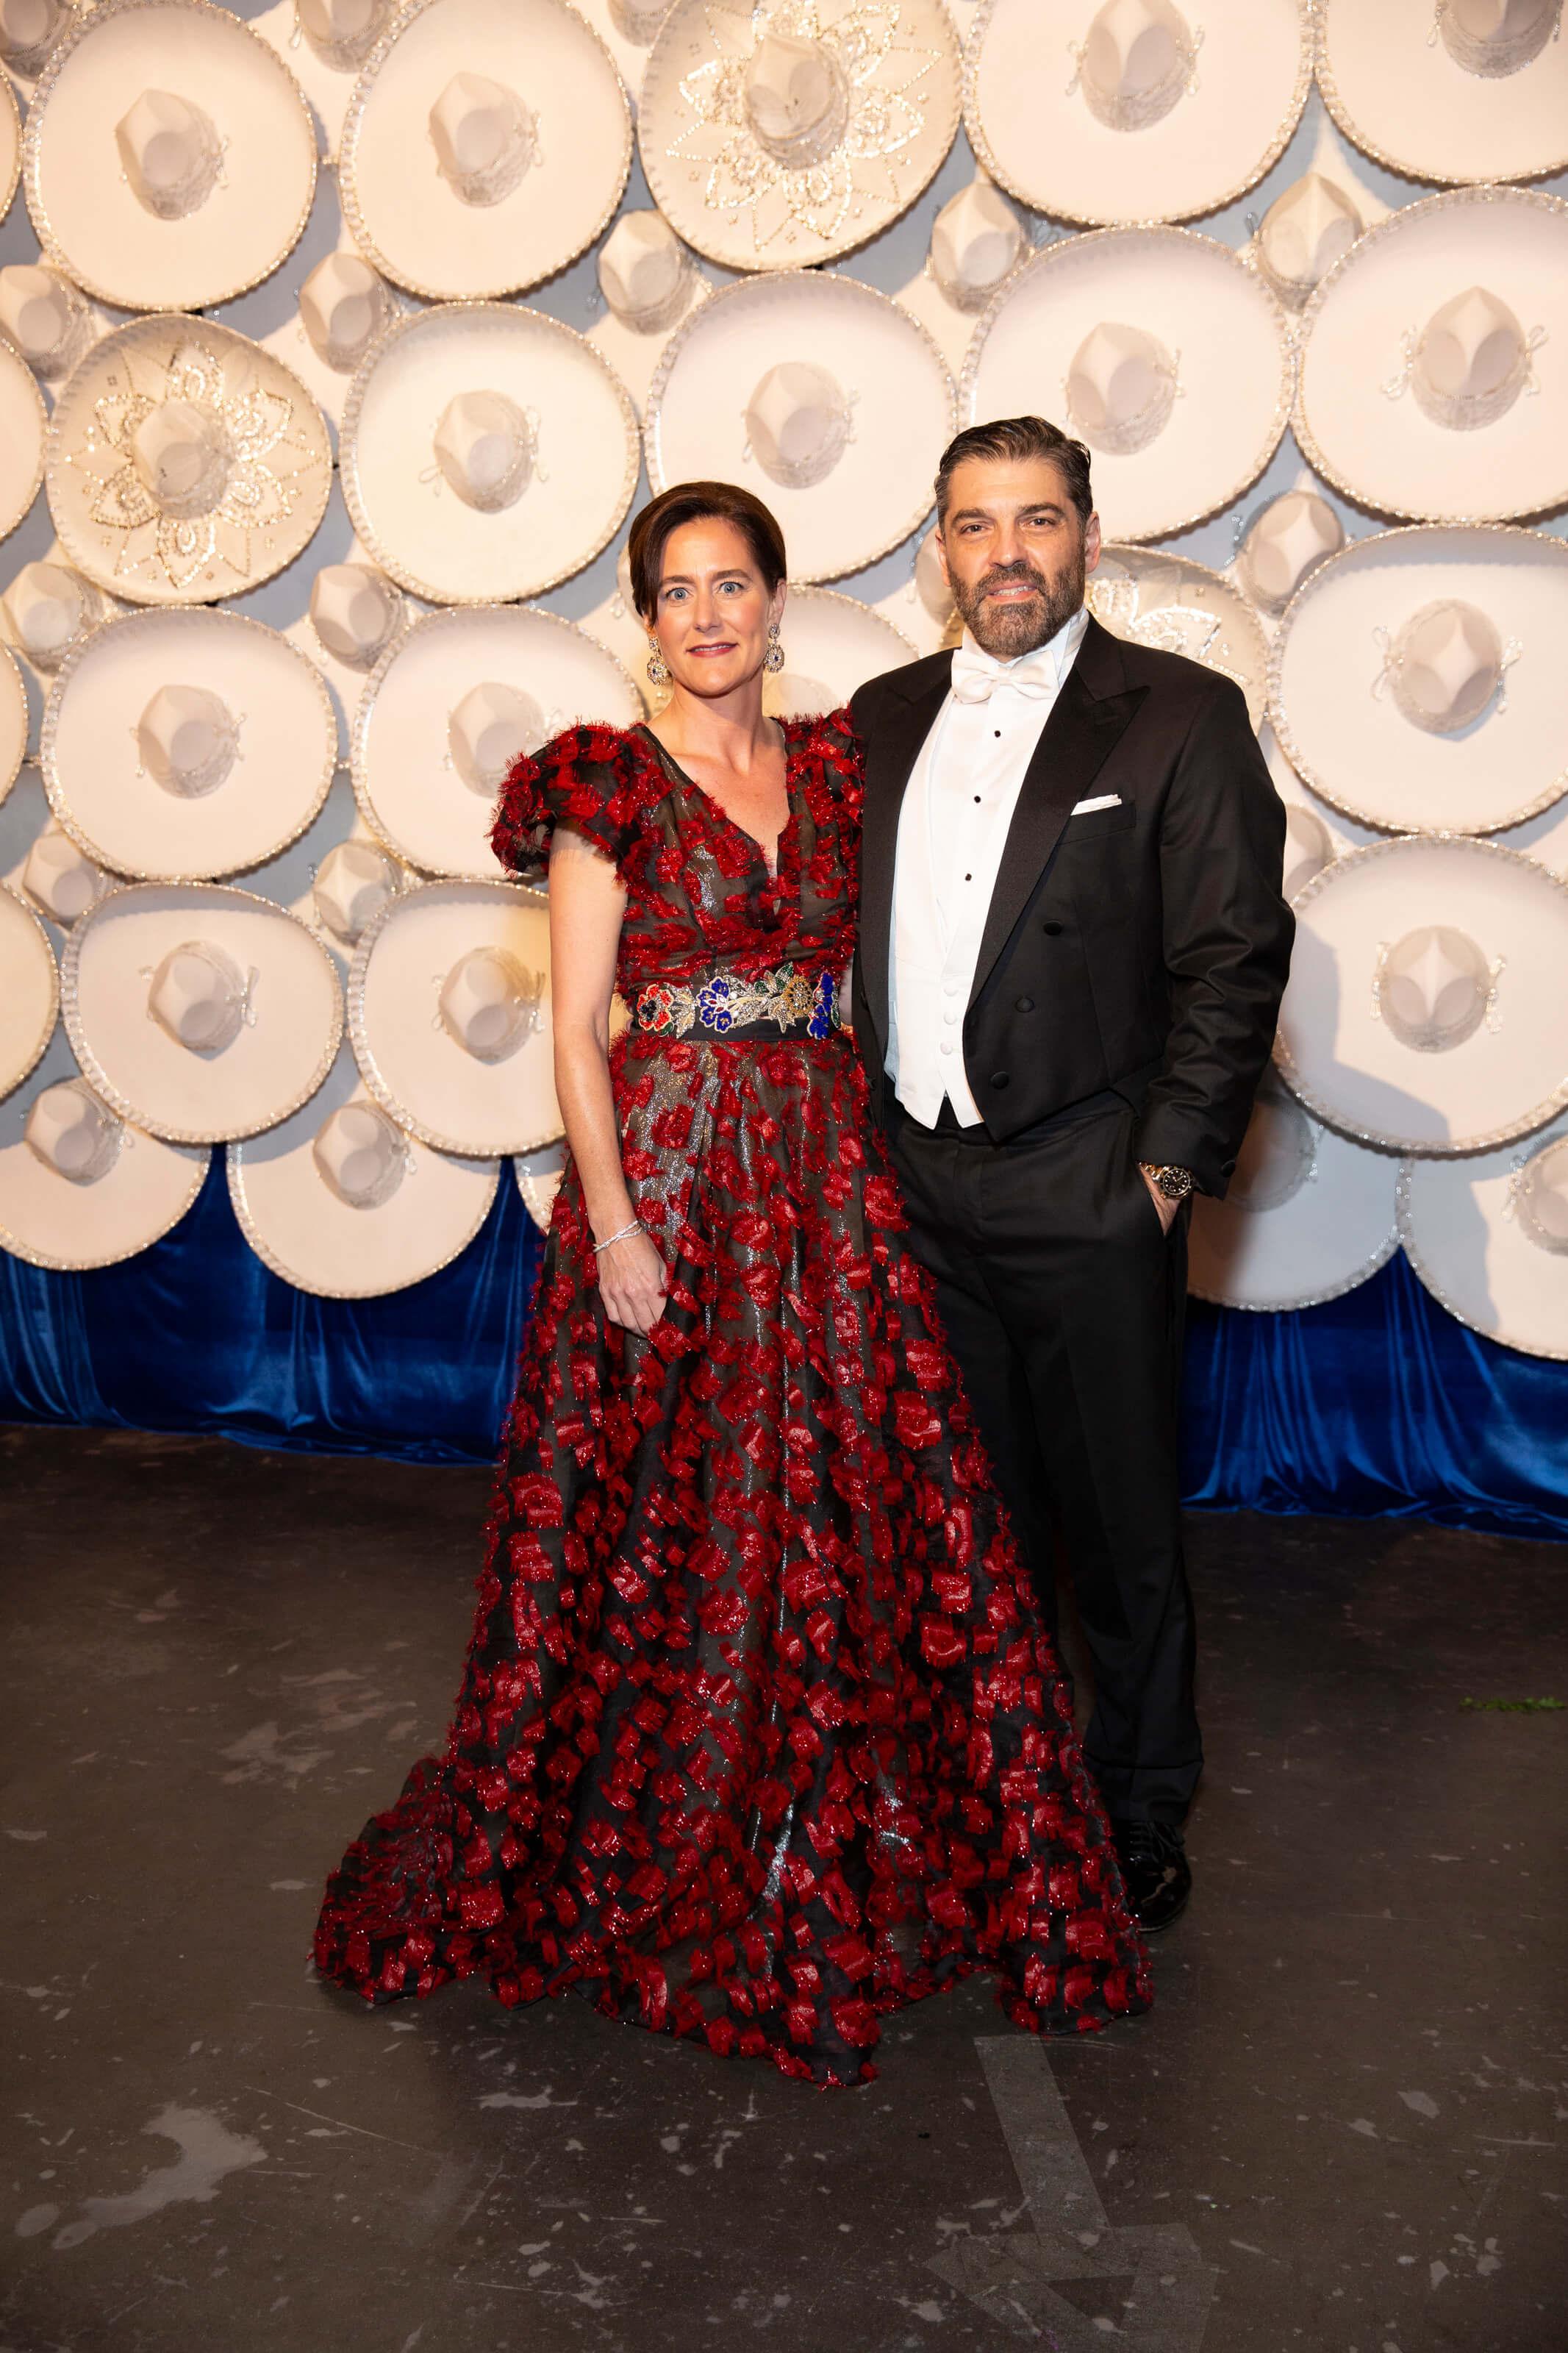 Marcia and Alfredo Vilas SILHOUETTE